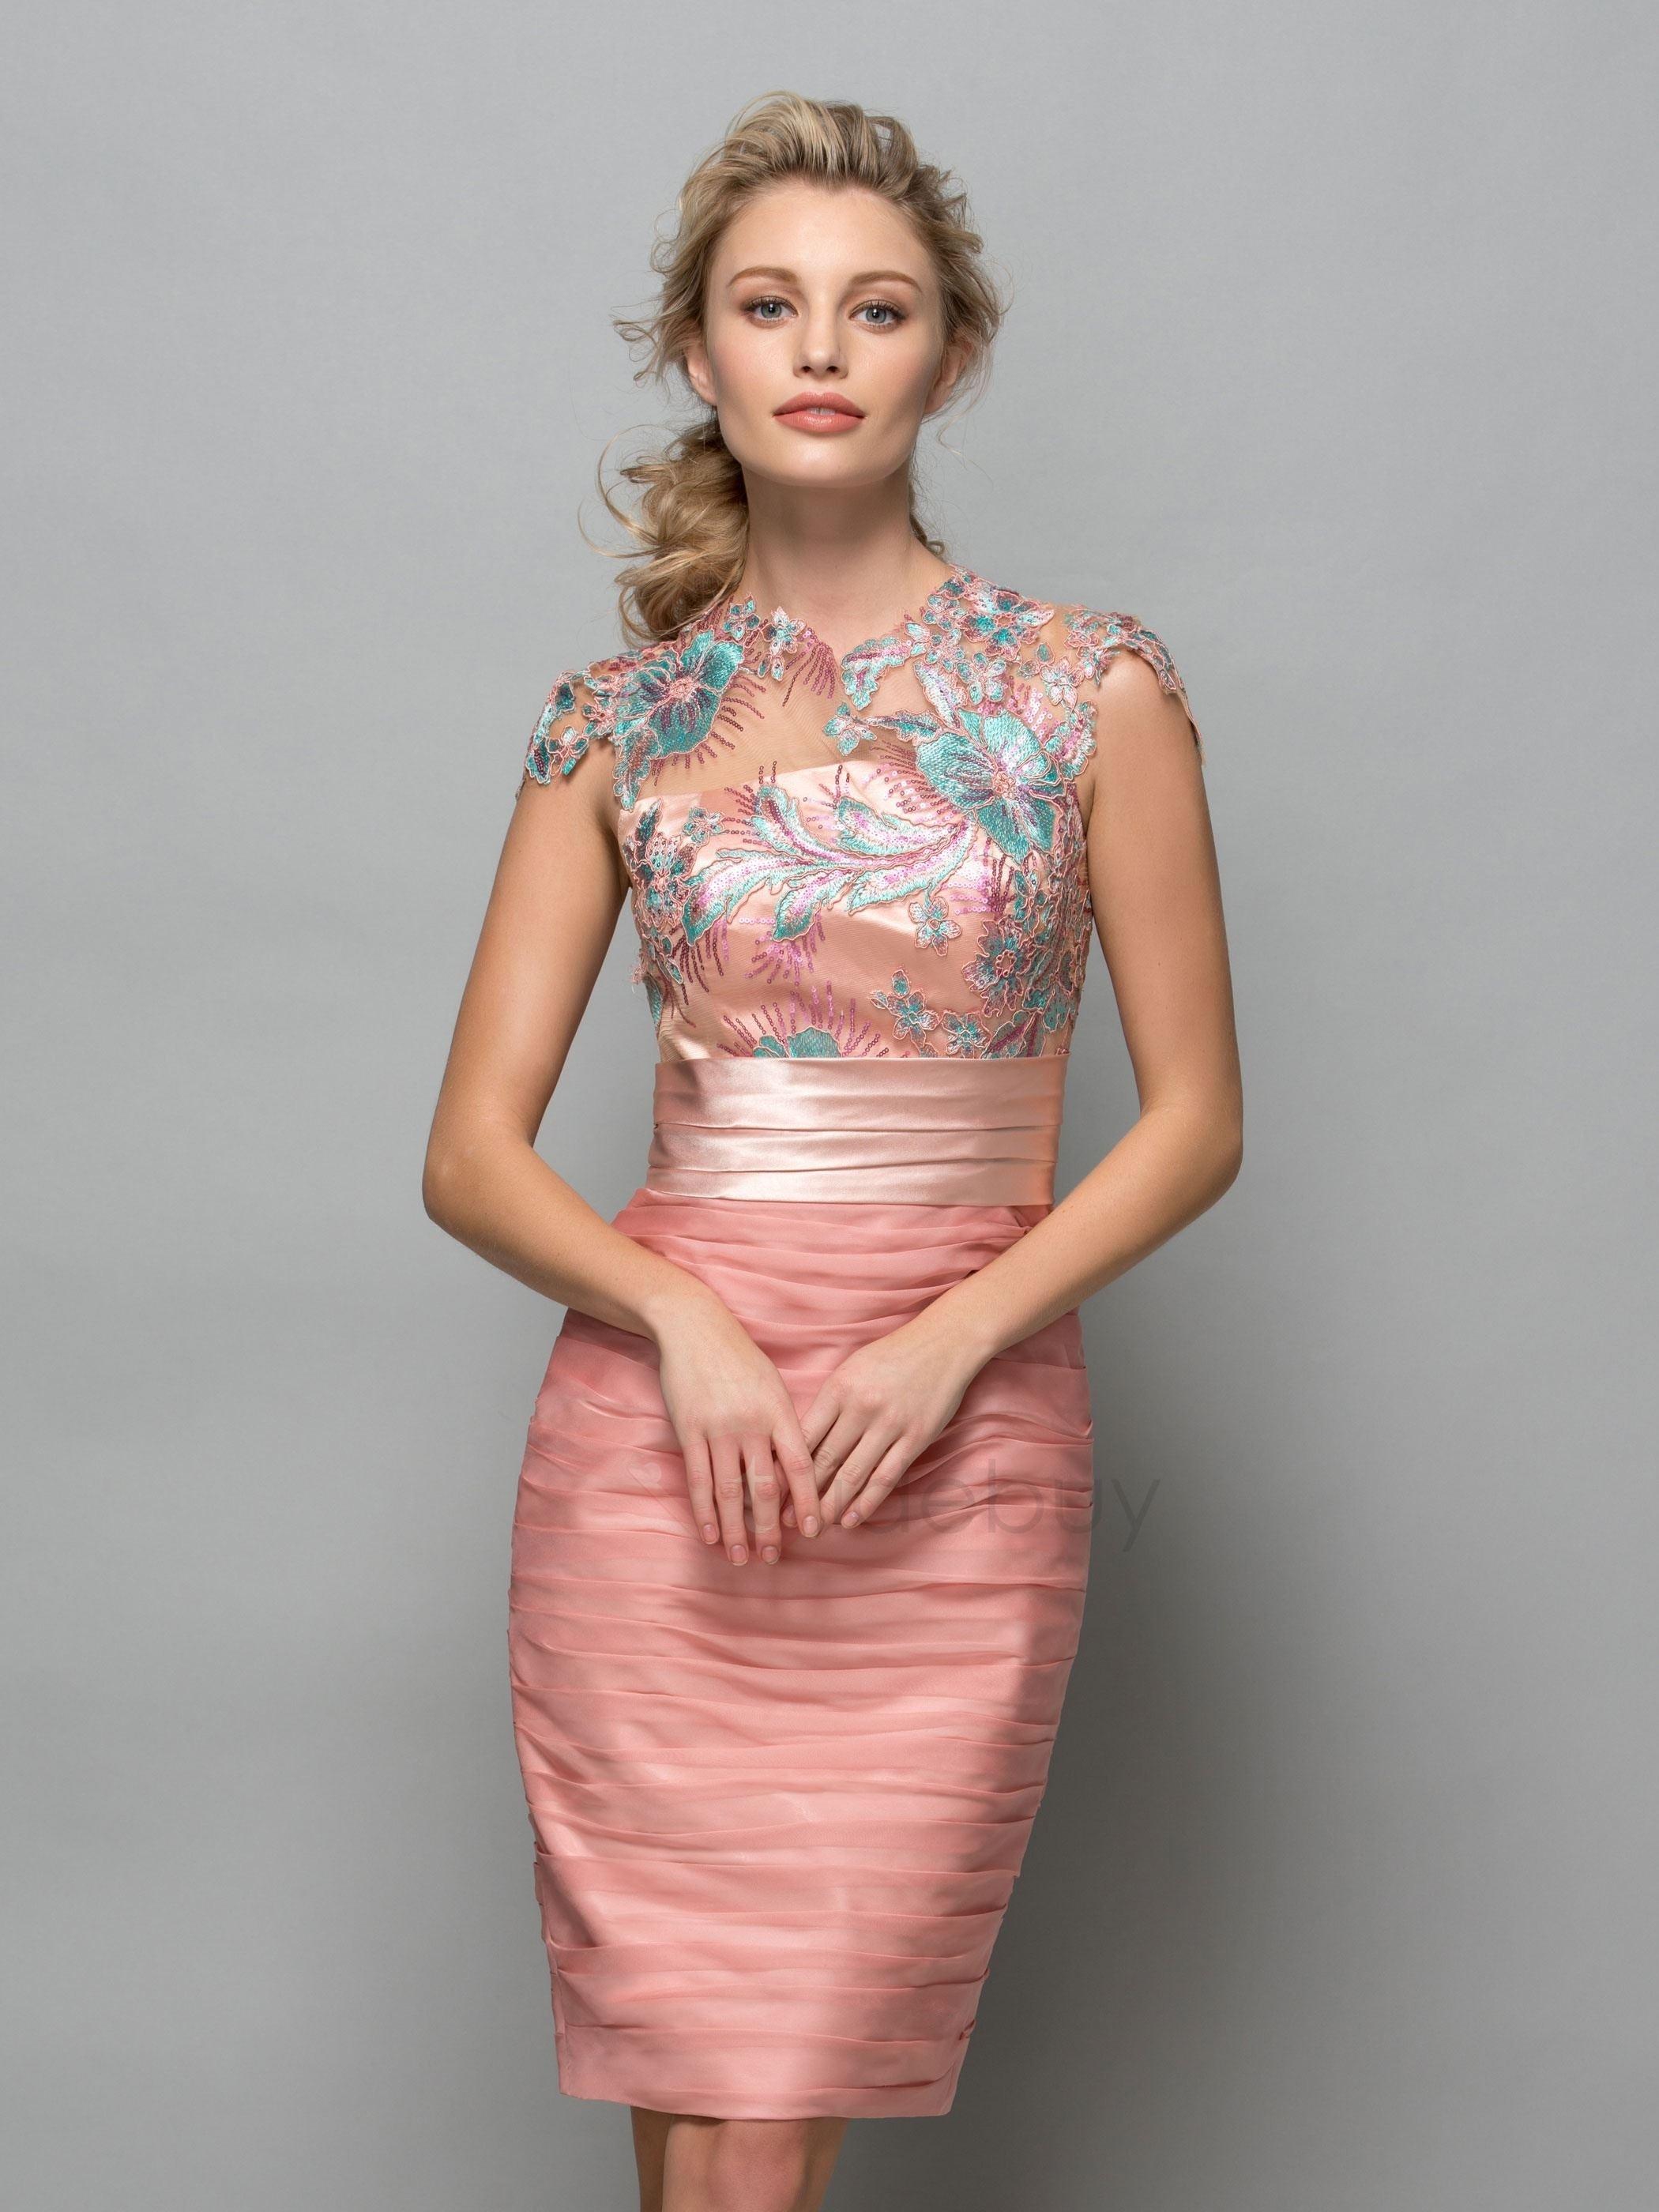 20 Kreativ Günstige Abendkleider Kurz Stylish10 Perfekt Günstige Abendkleider Kurz Design